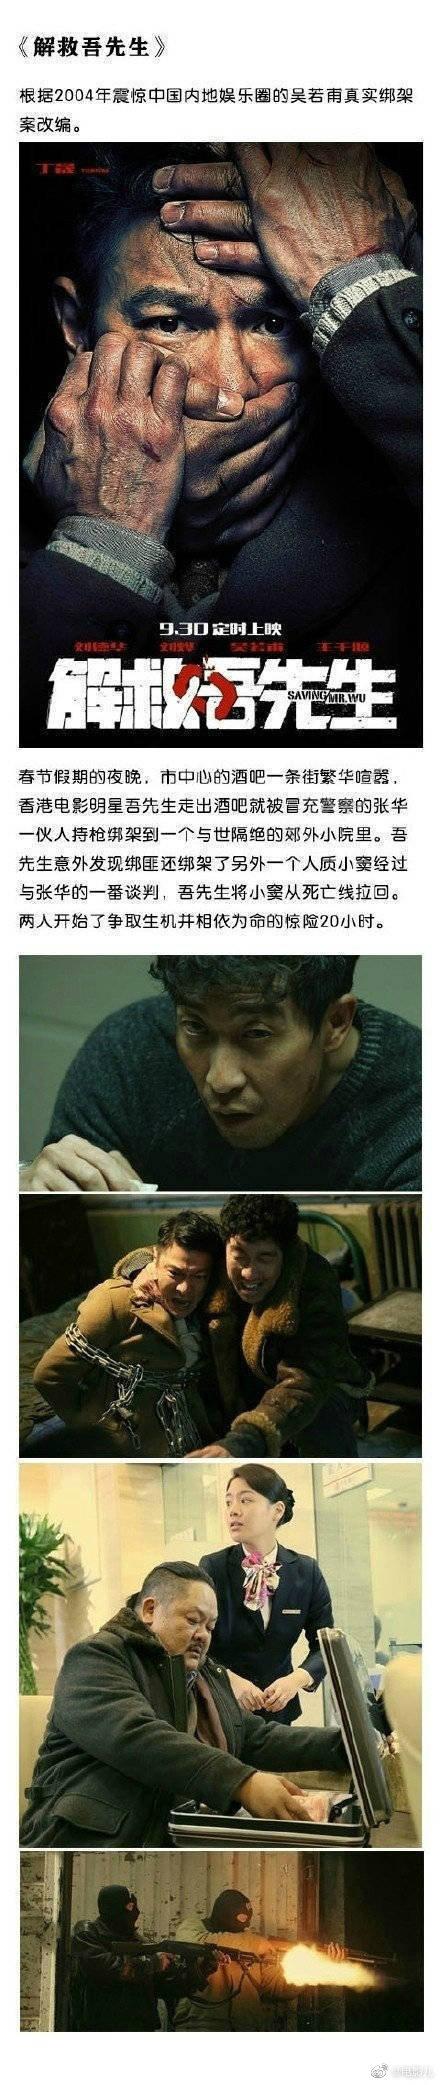 除了湄公河行动,这9部华语电影也是根据真实犯罪事件改编